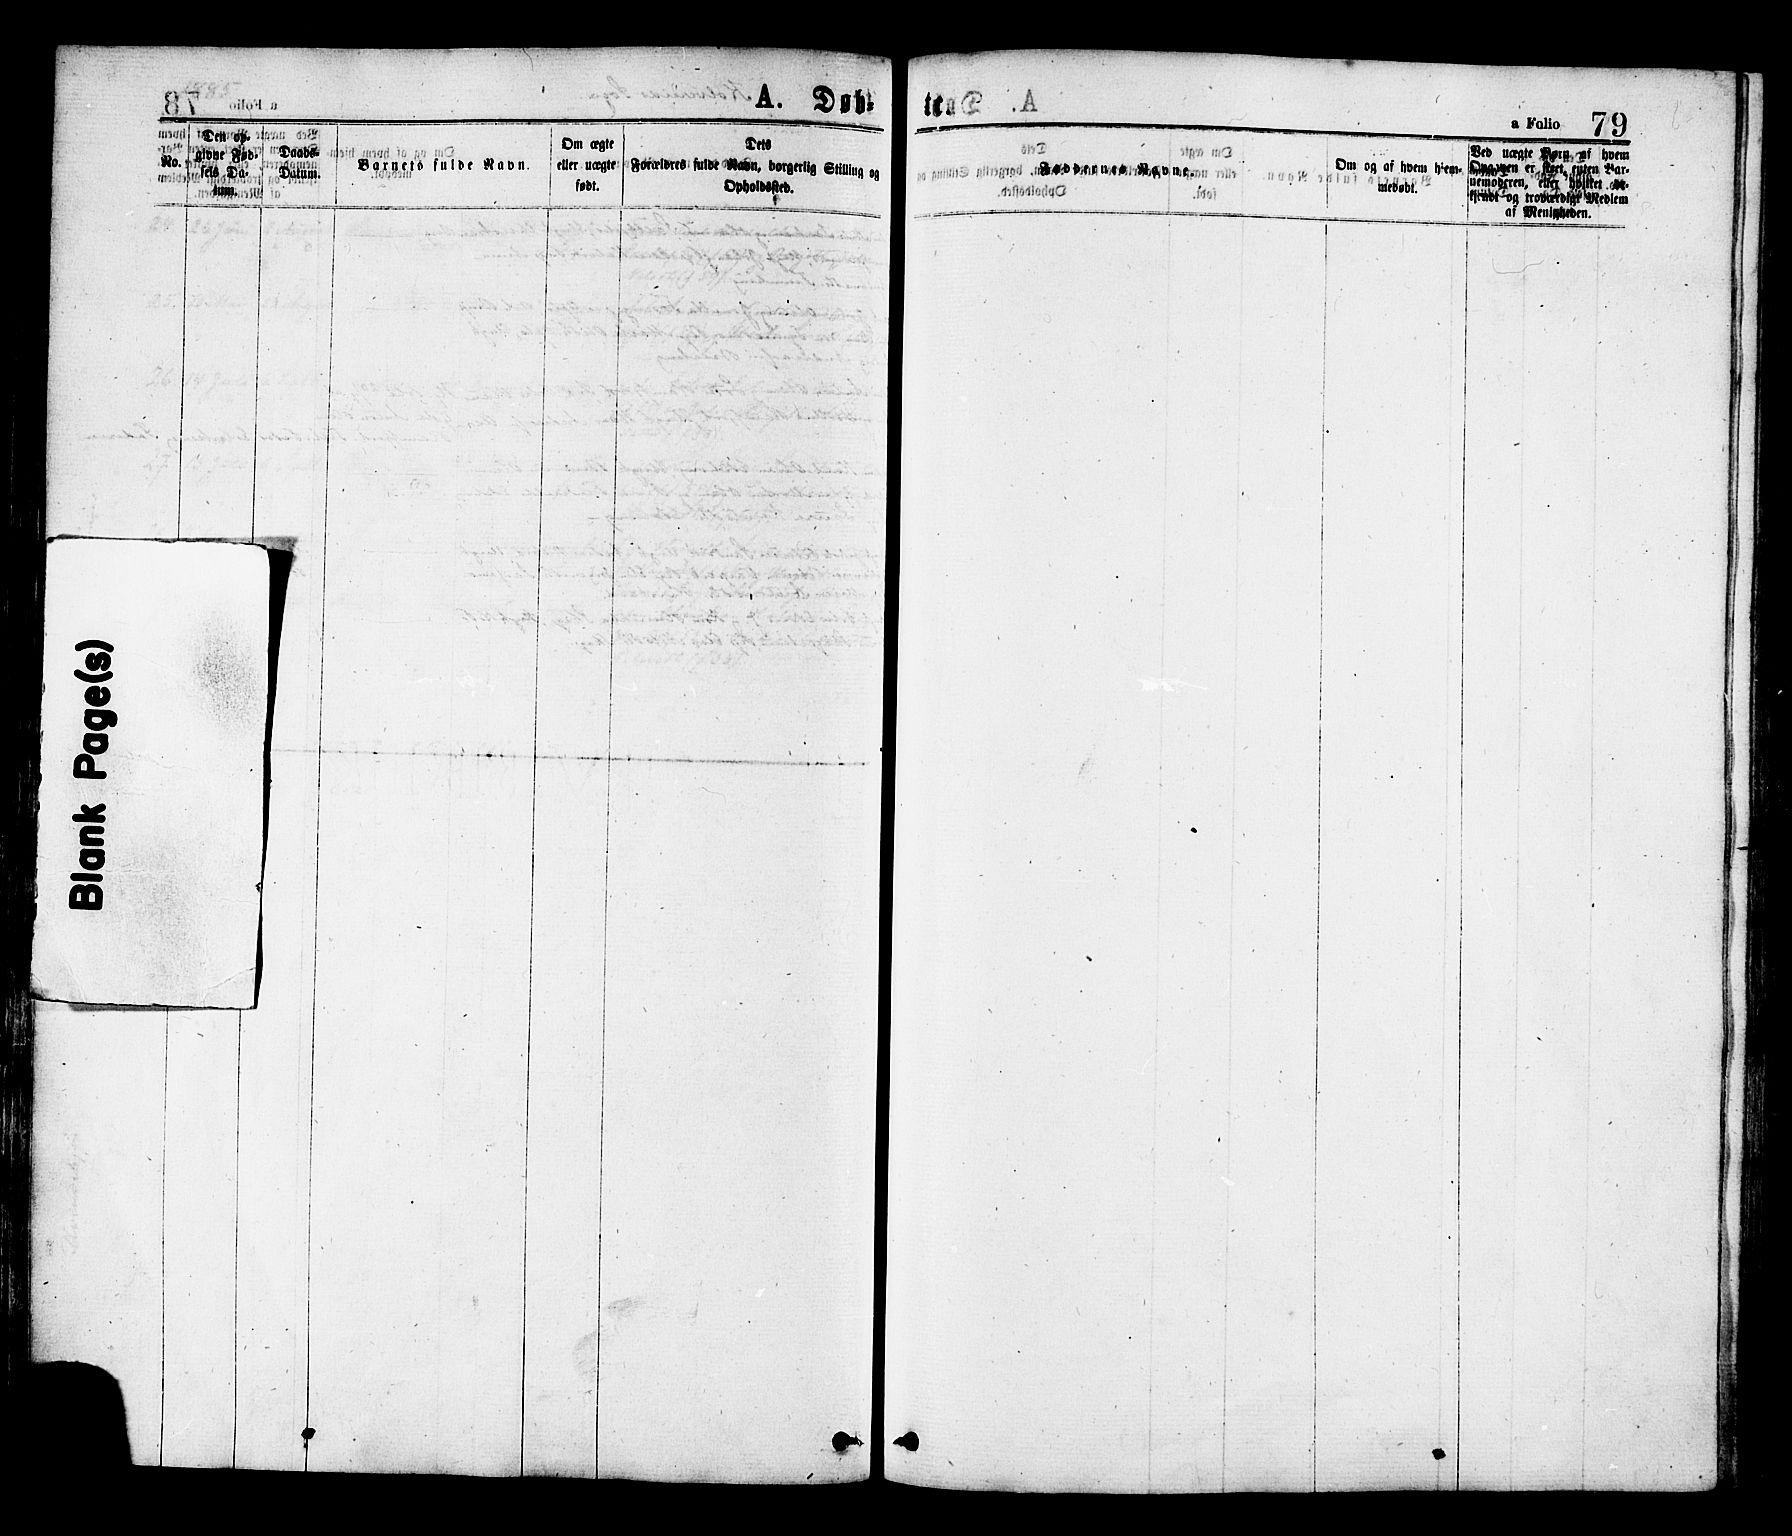 SAT, Ministerialprotokoller, klokkerbøker og fødselsregistre - Nord-Trøndelag, 780/L0642: Ministerialbok nr. 780A07 /1, 1874-1885, s. 79